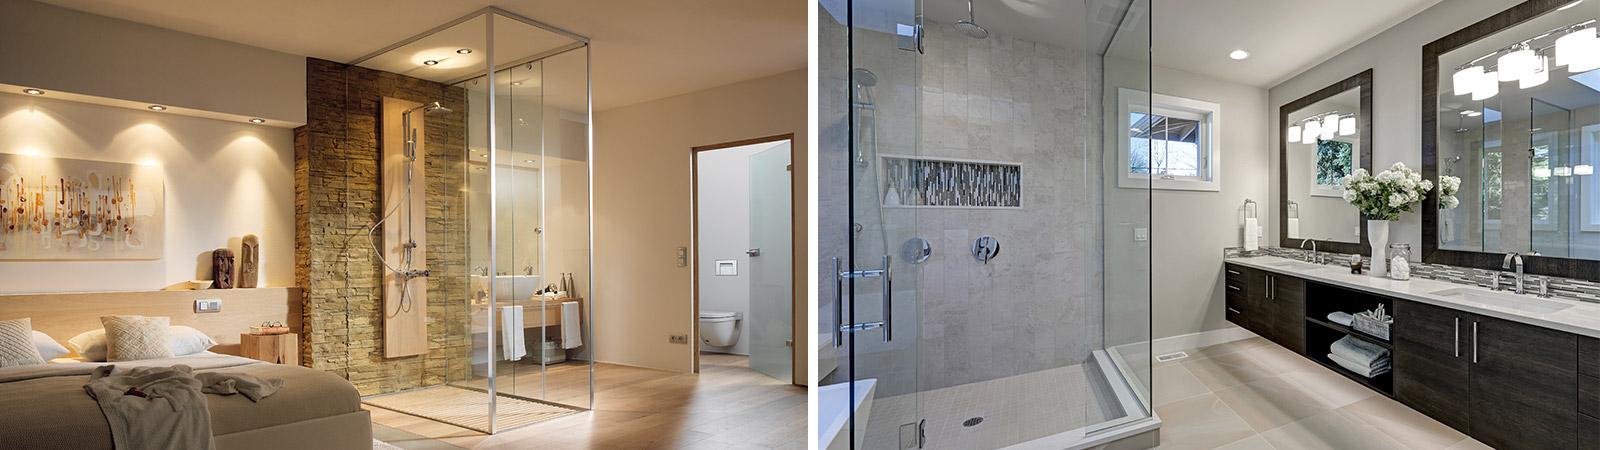 Glazen douchesystemen